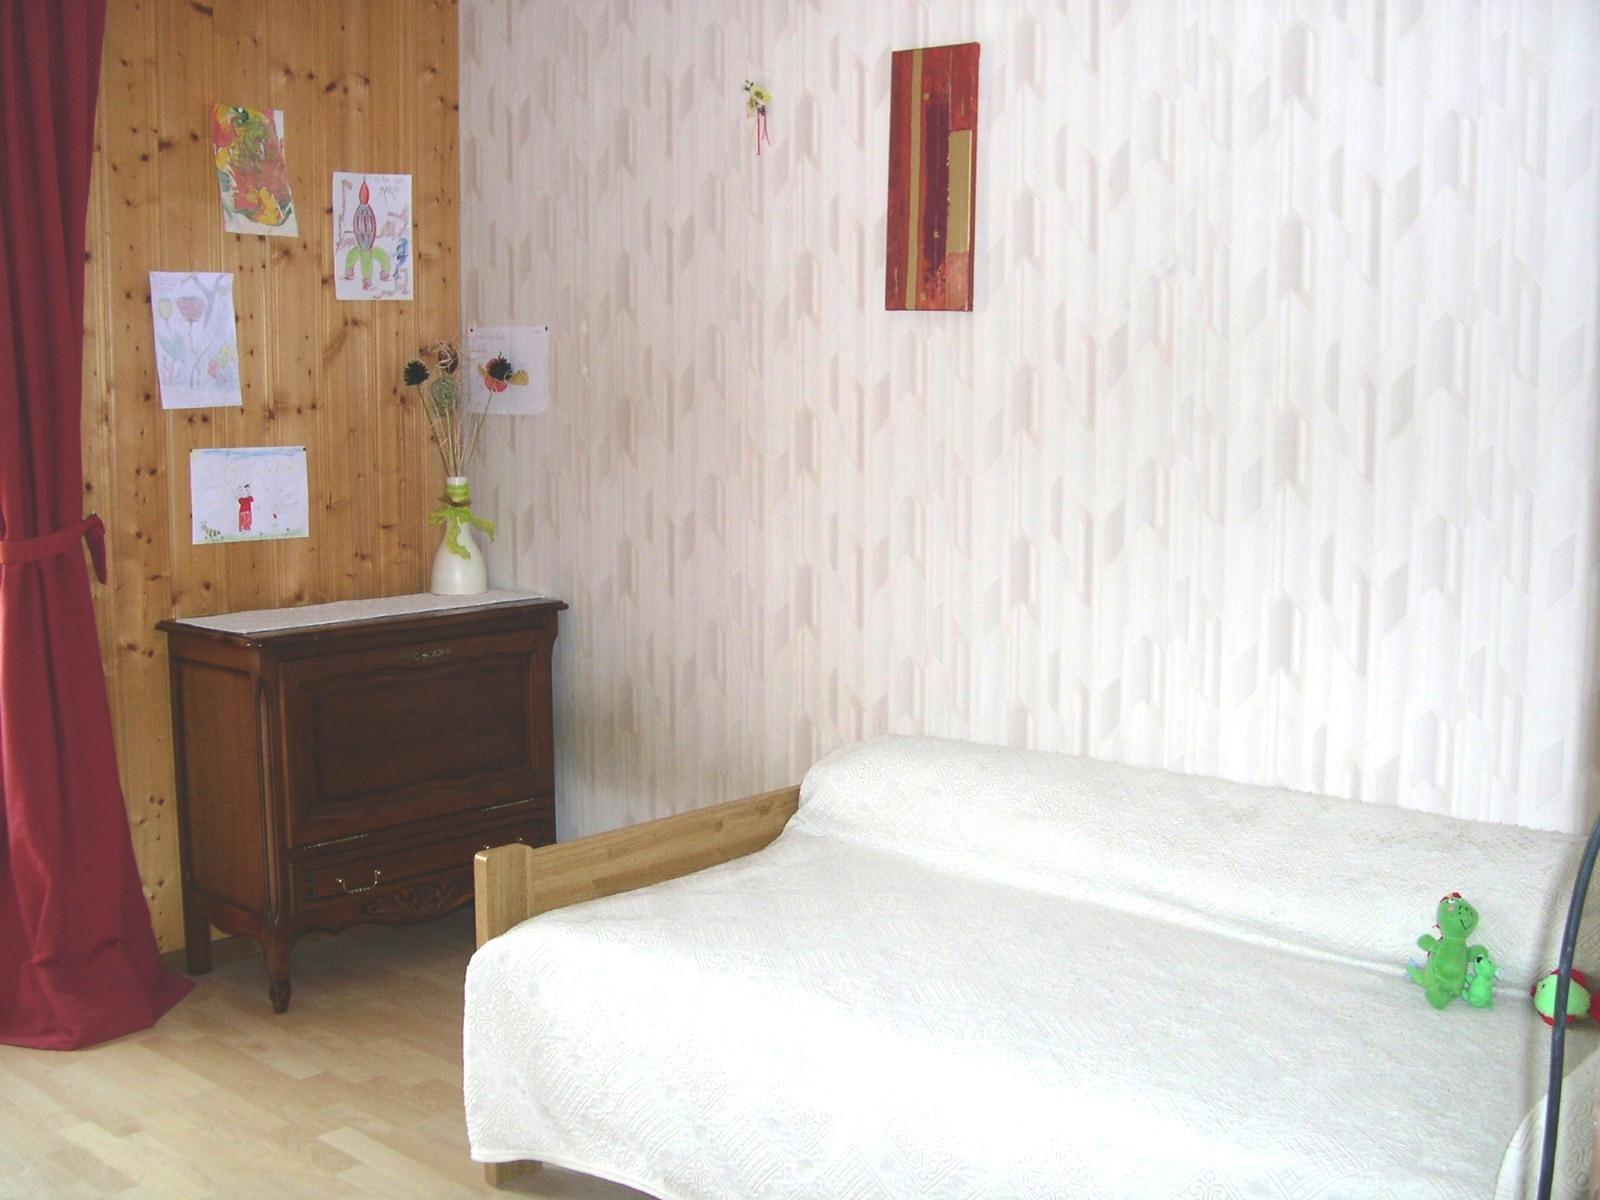 Detached House For Sale in Pont-en-Ogoz - 2 Photos